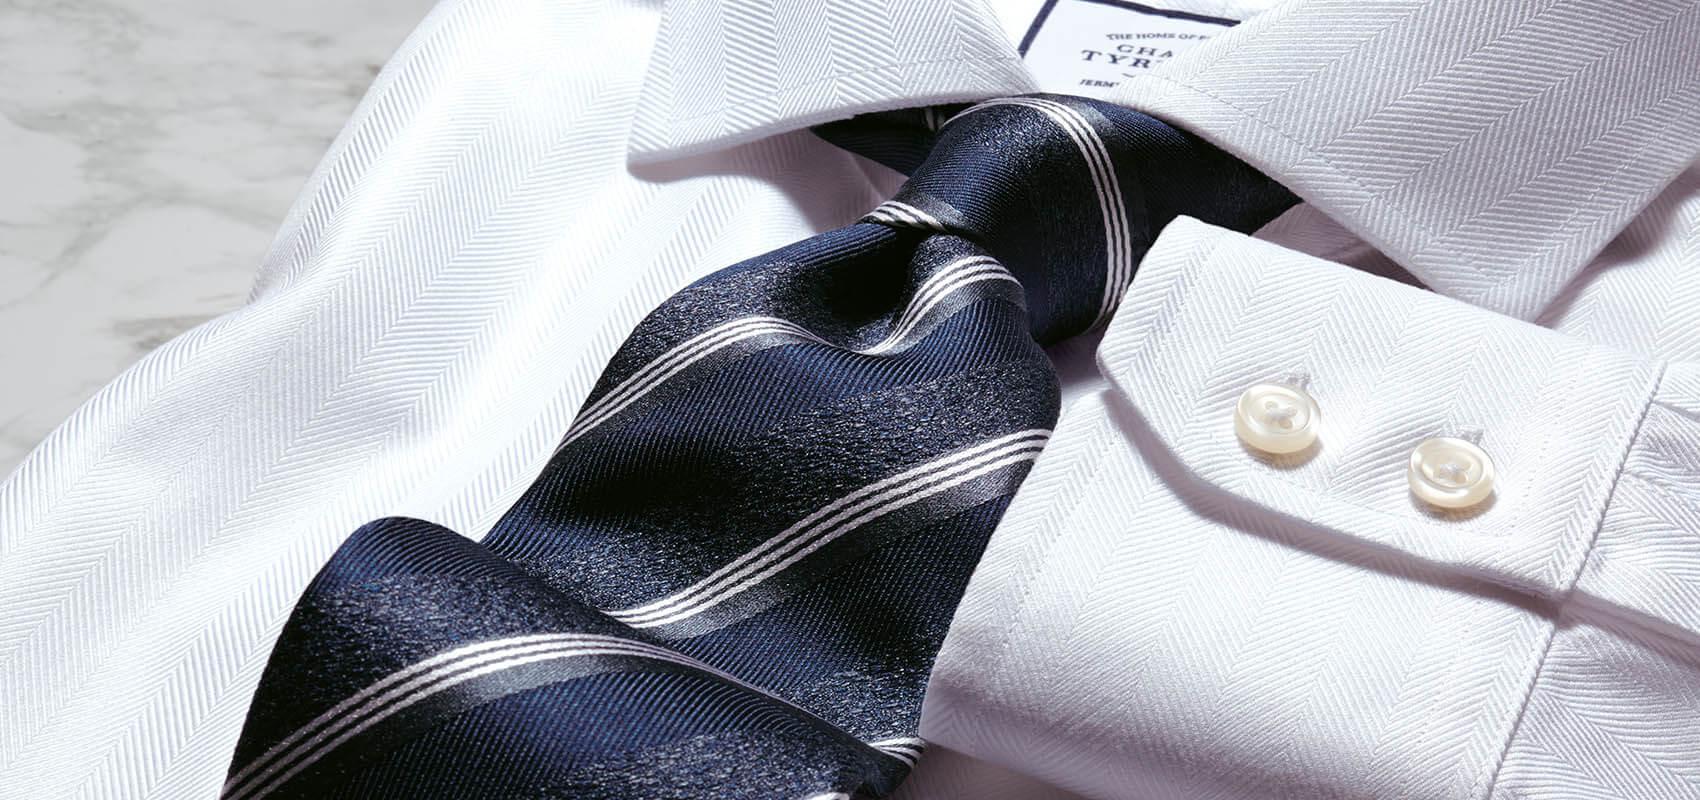 Charles Tyrwhitt Herringbone Weave Shirts